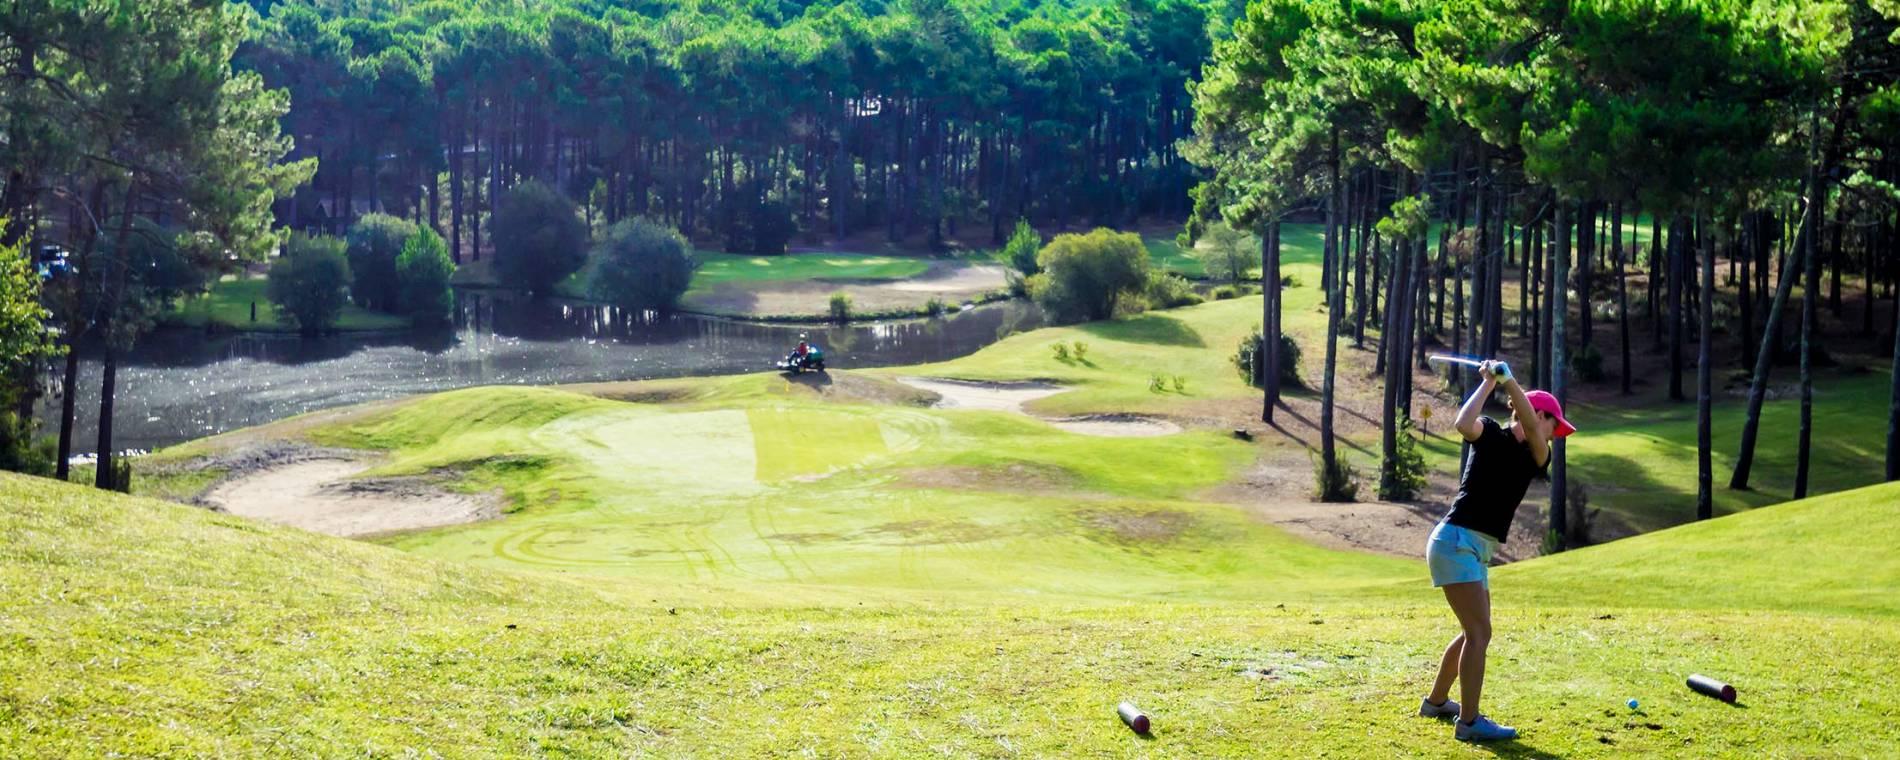 golf vakantie